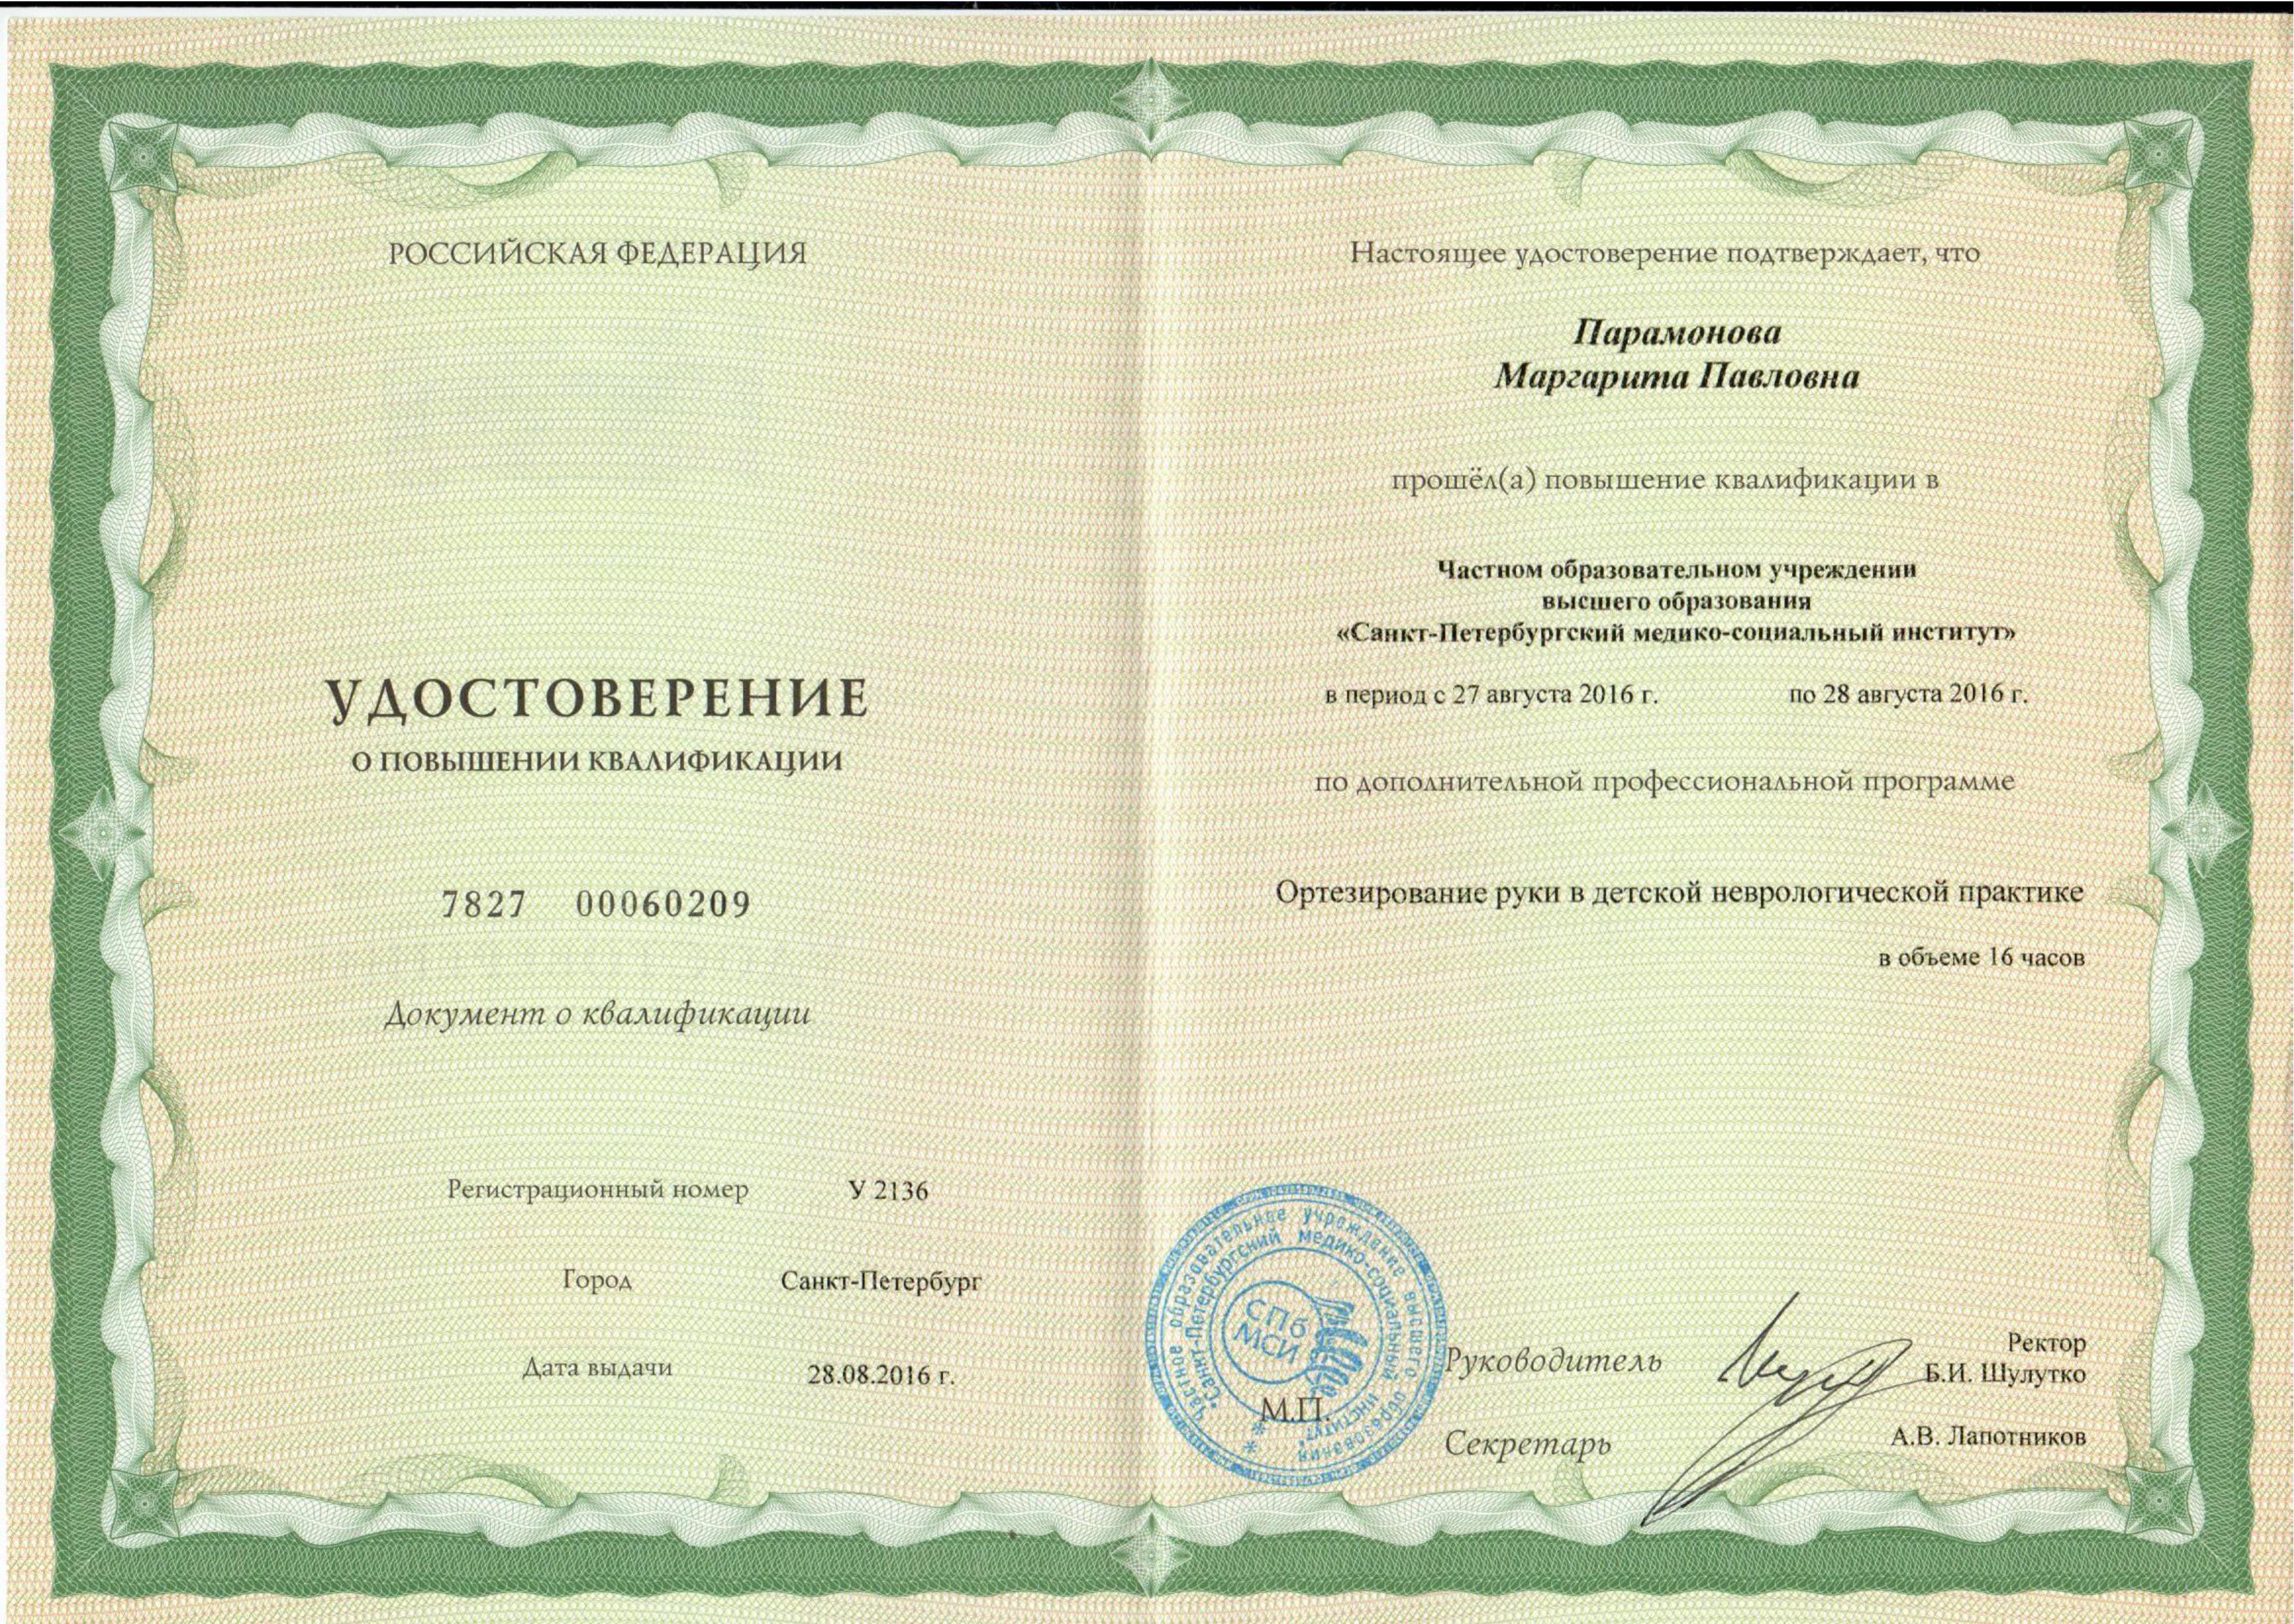 1. ортез_повышение квалифик_16 ч